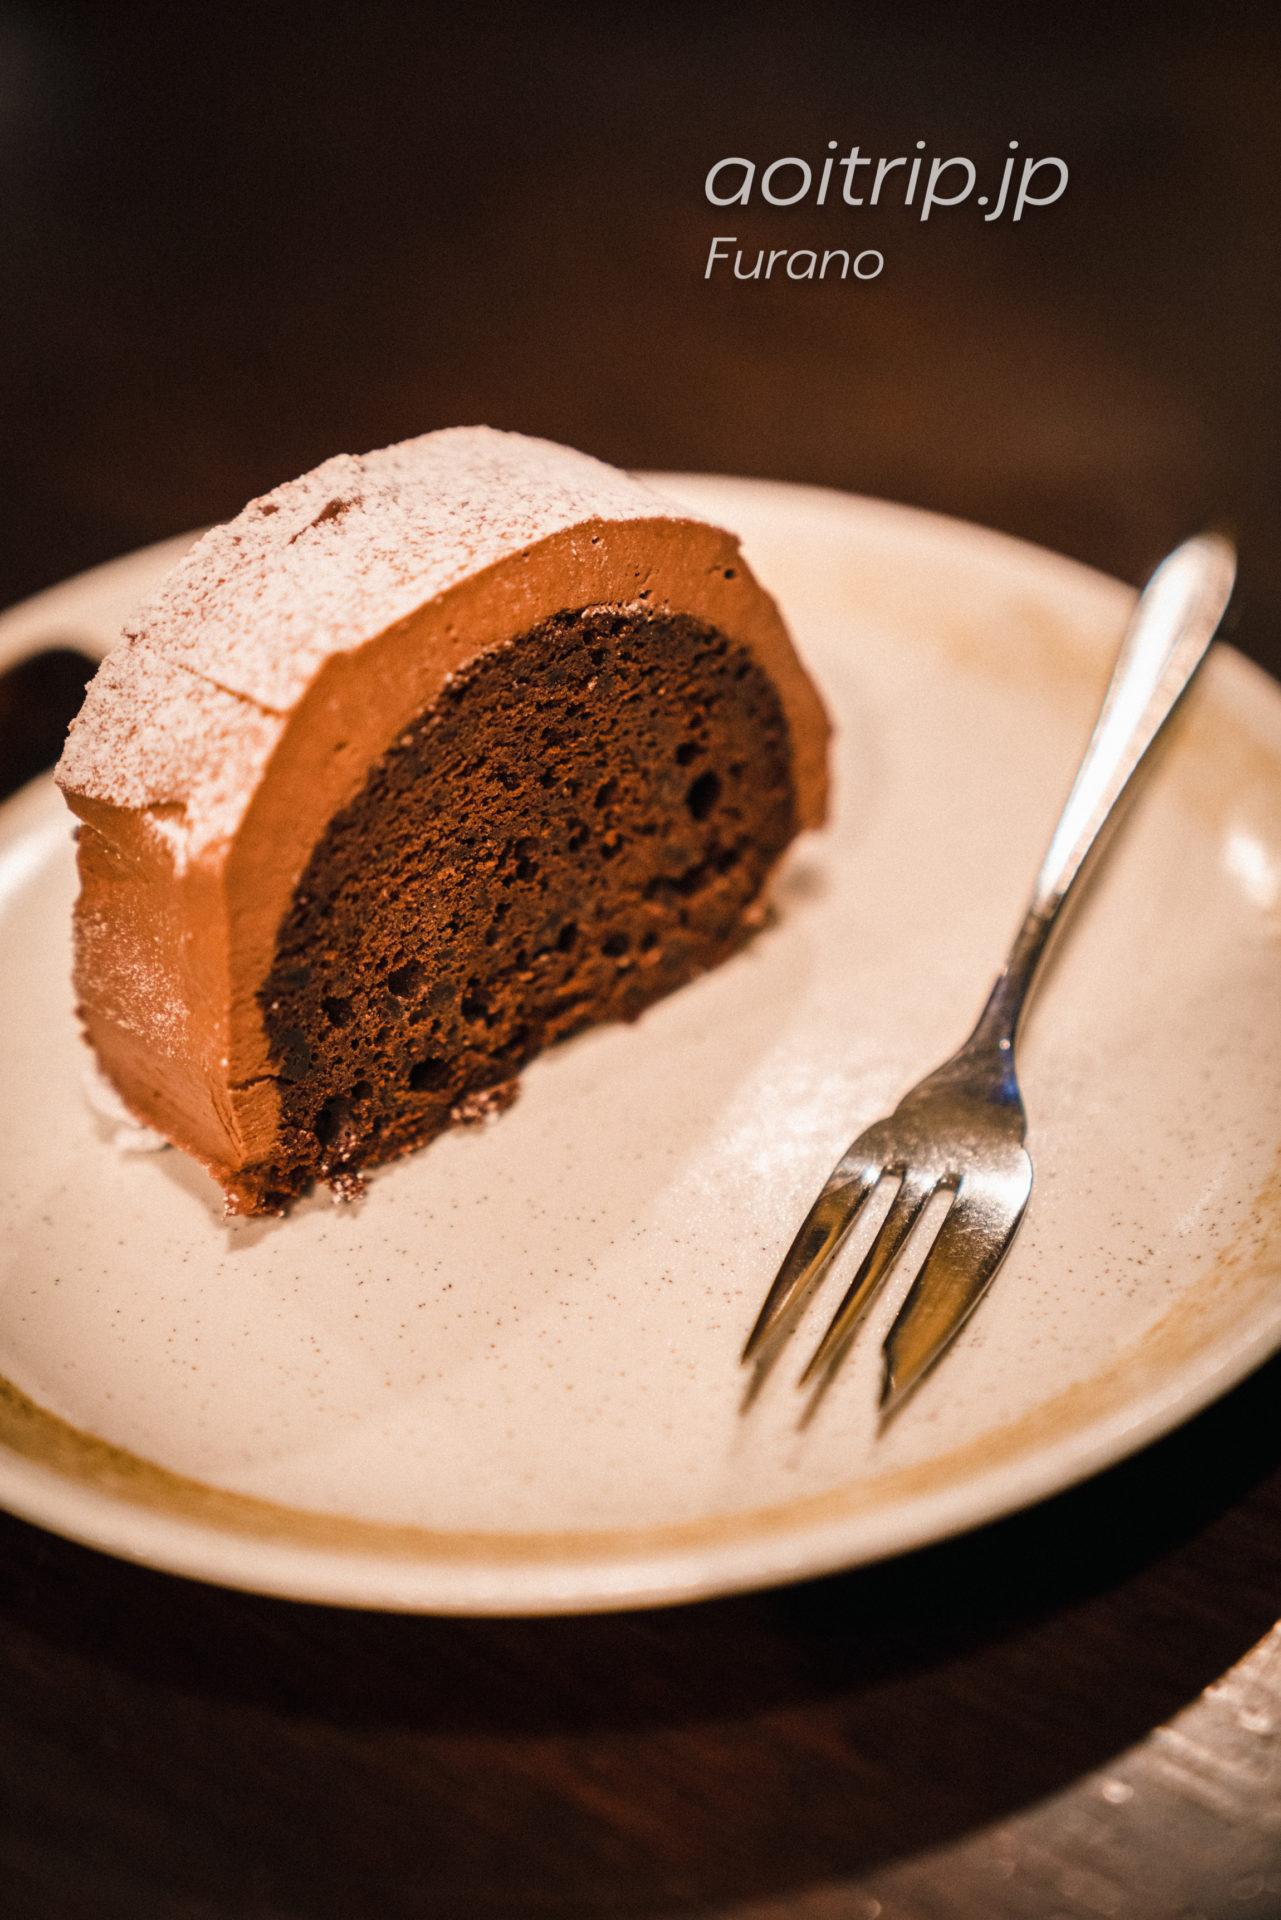 富良野・森の時計のチョコレートケーキ初雪